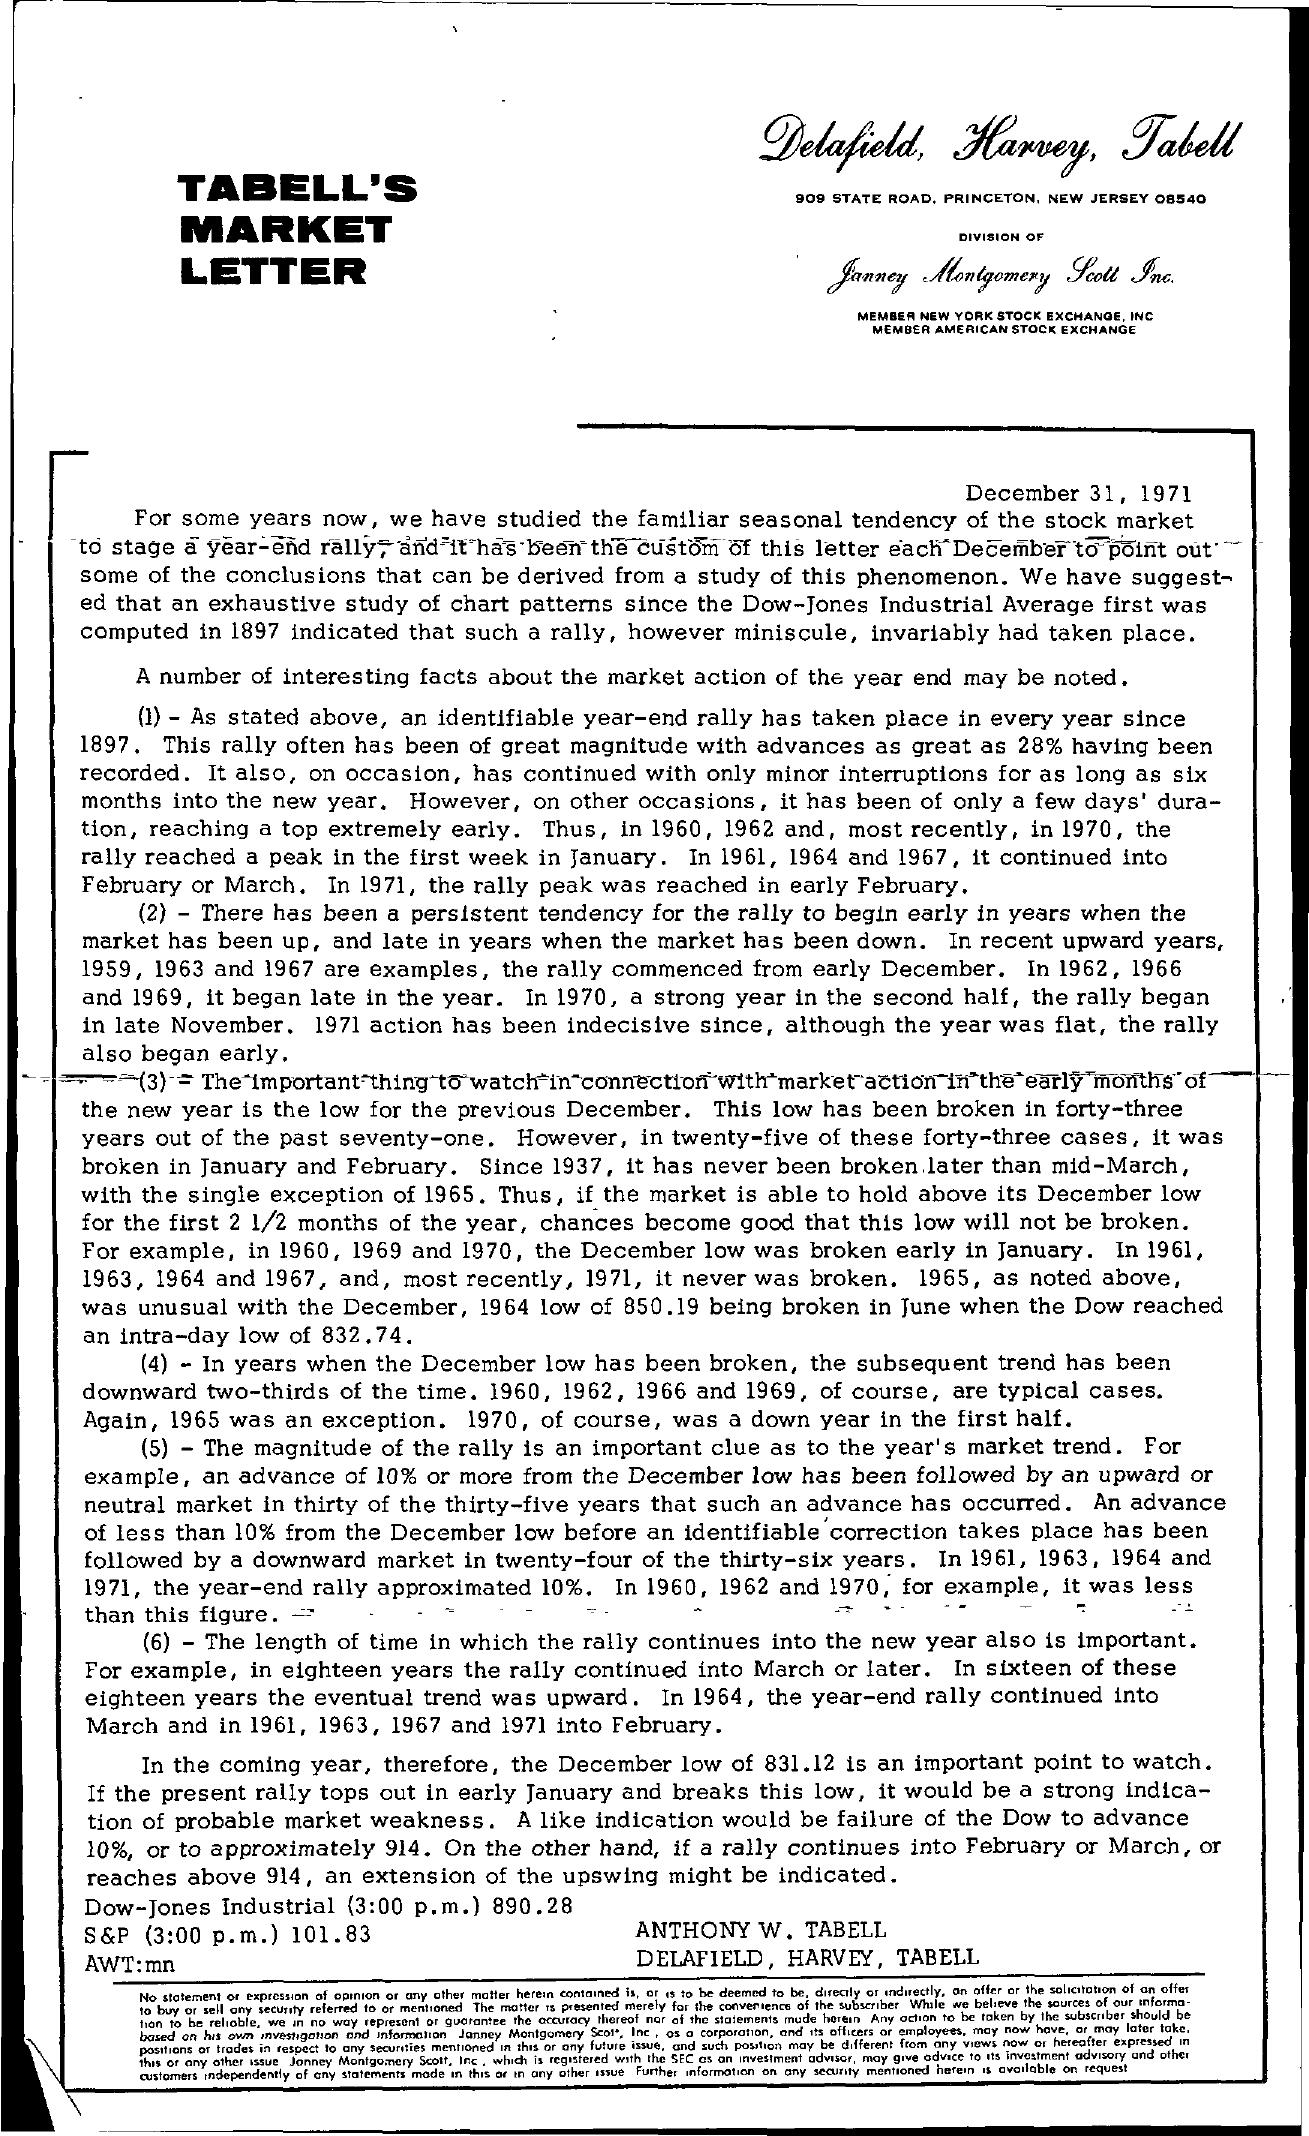 Tabell's Market Letter - December 31, 1971